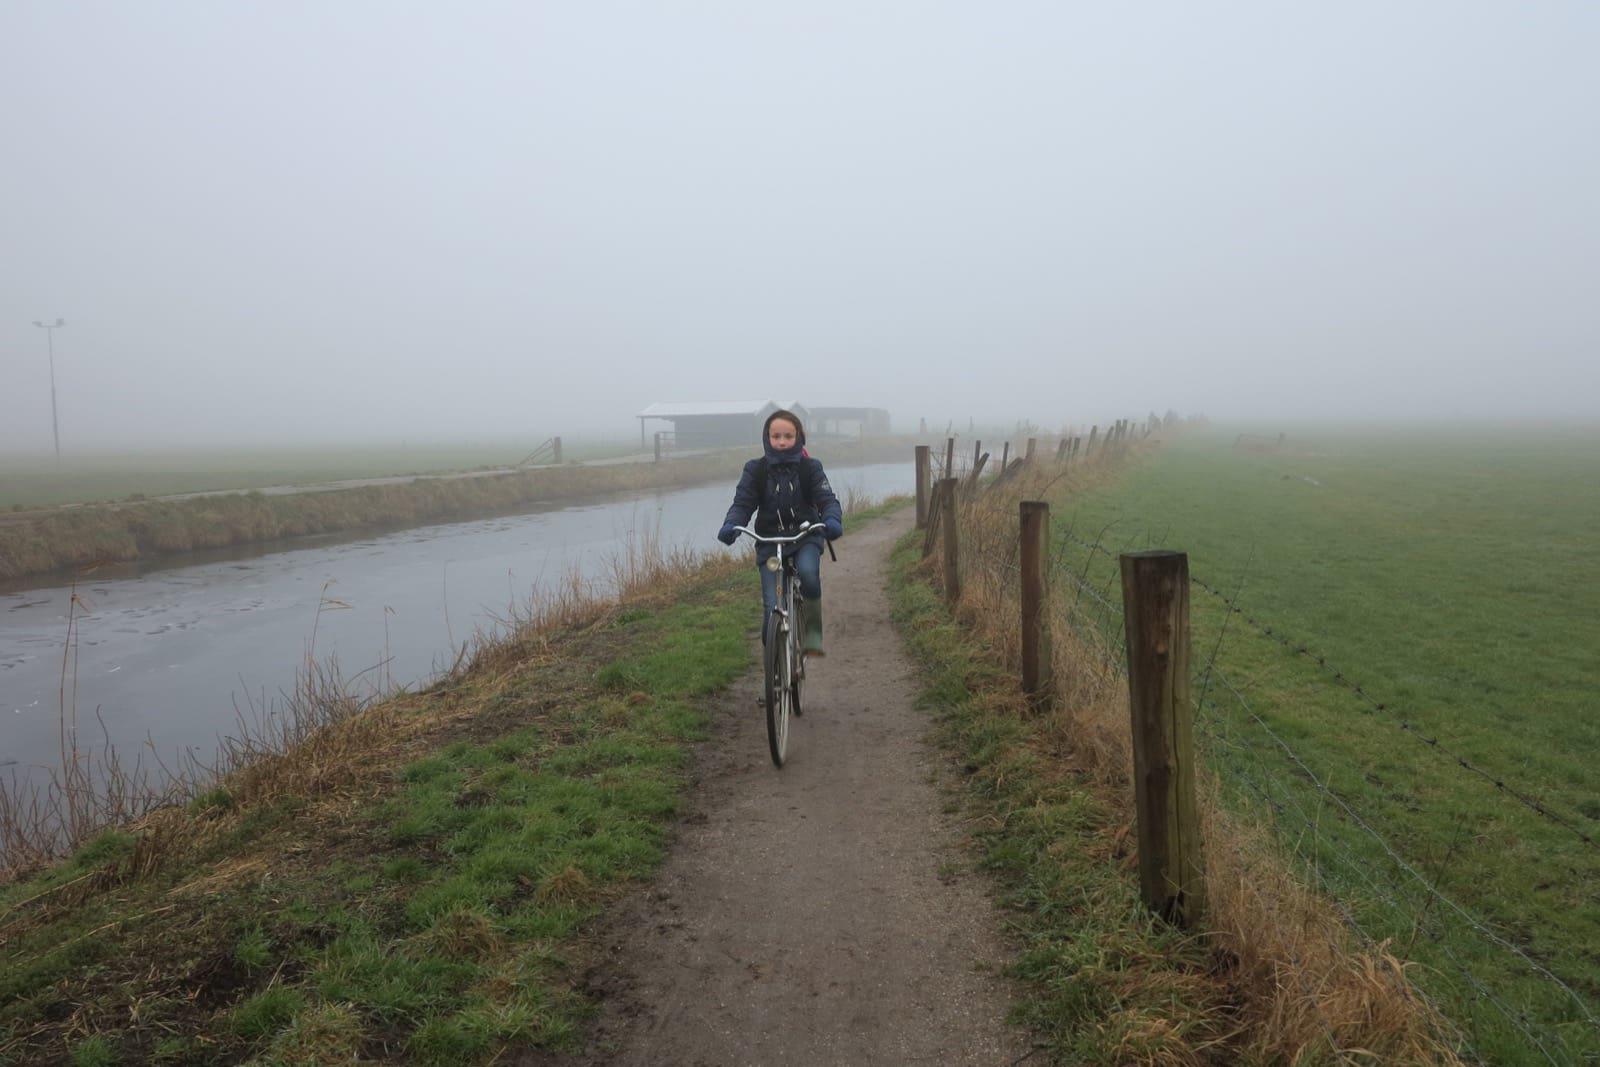 et-fiets-en-fietser-13-janke-holtman-uit-klunder-oi.jpg